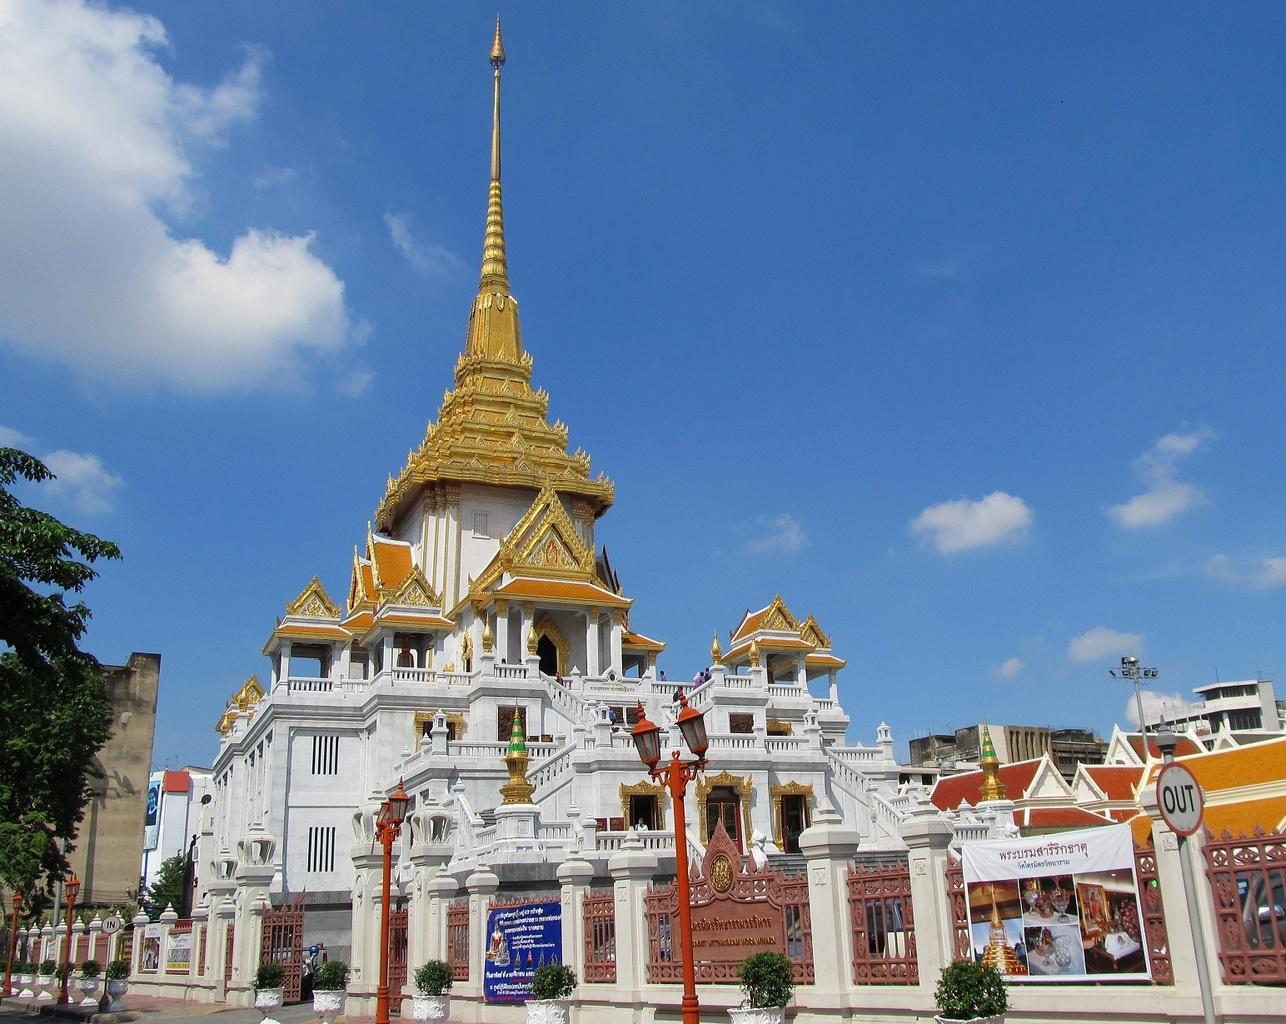 Nové mramorové čedí - Wat Traimit